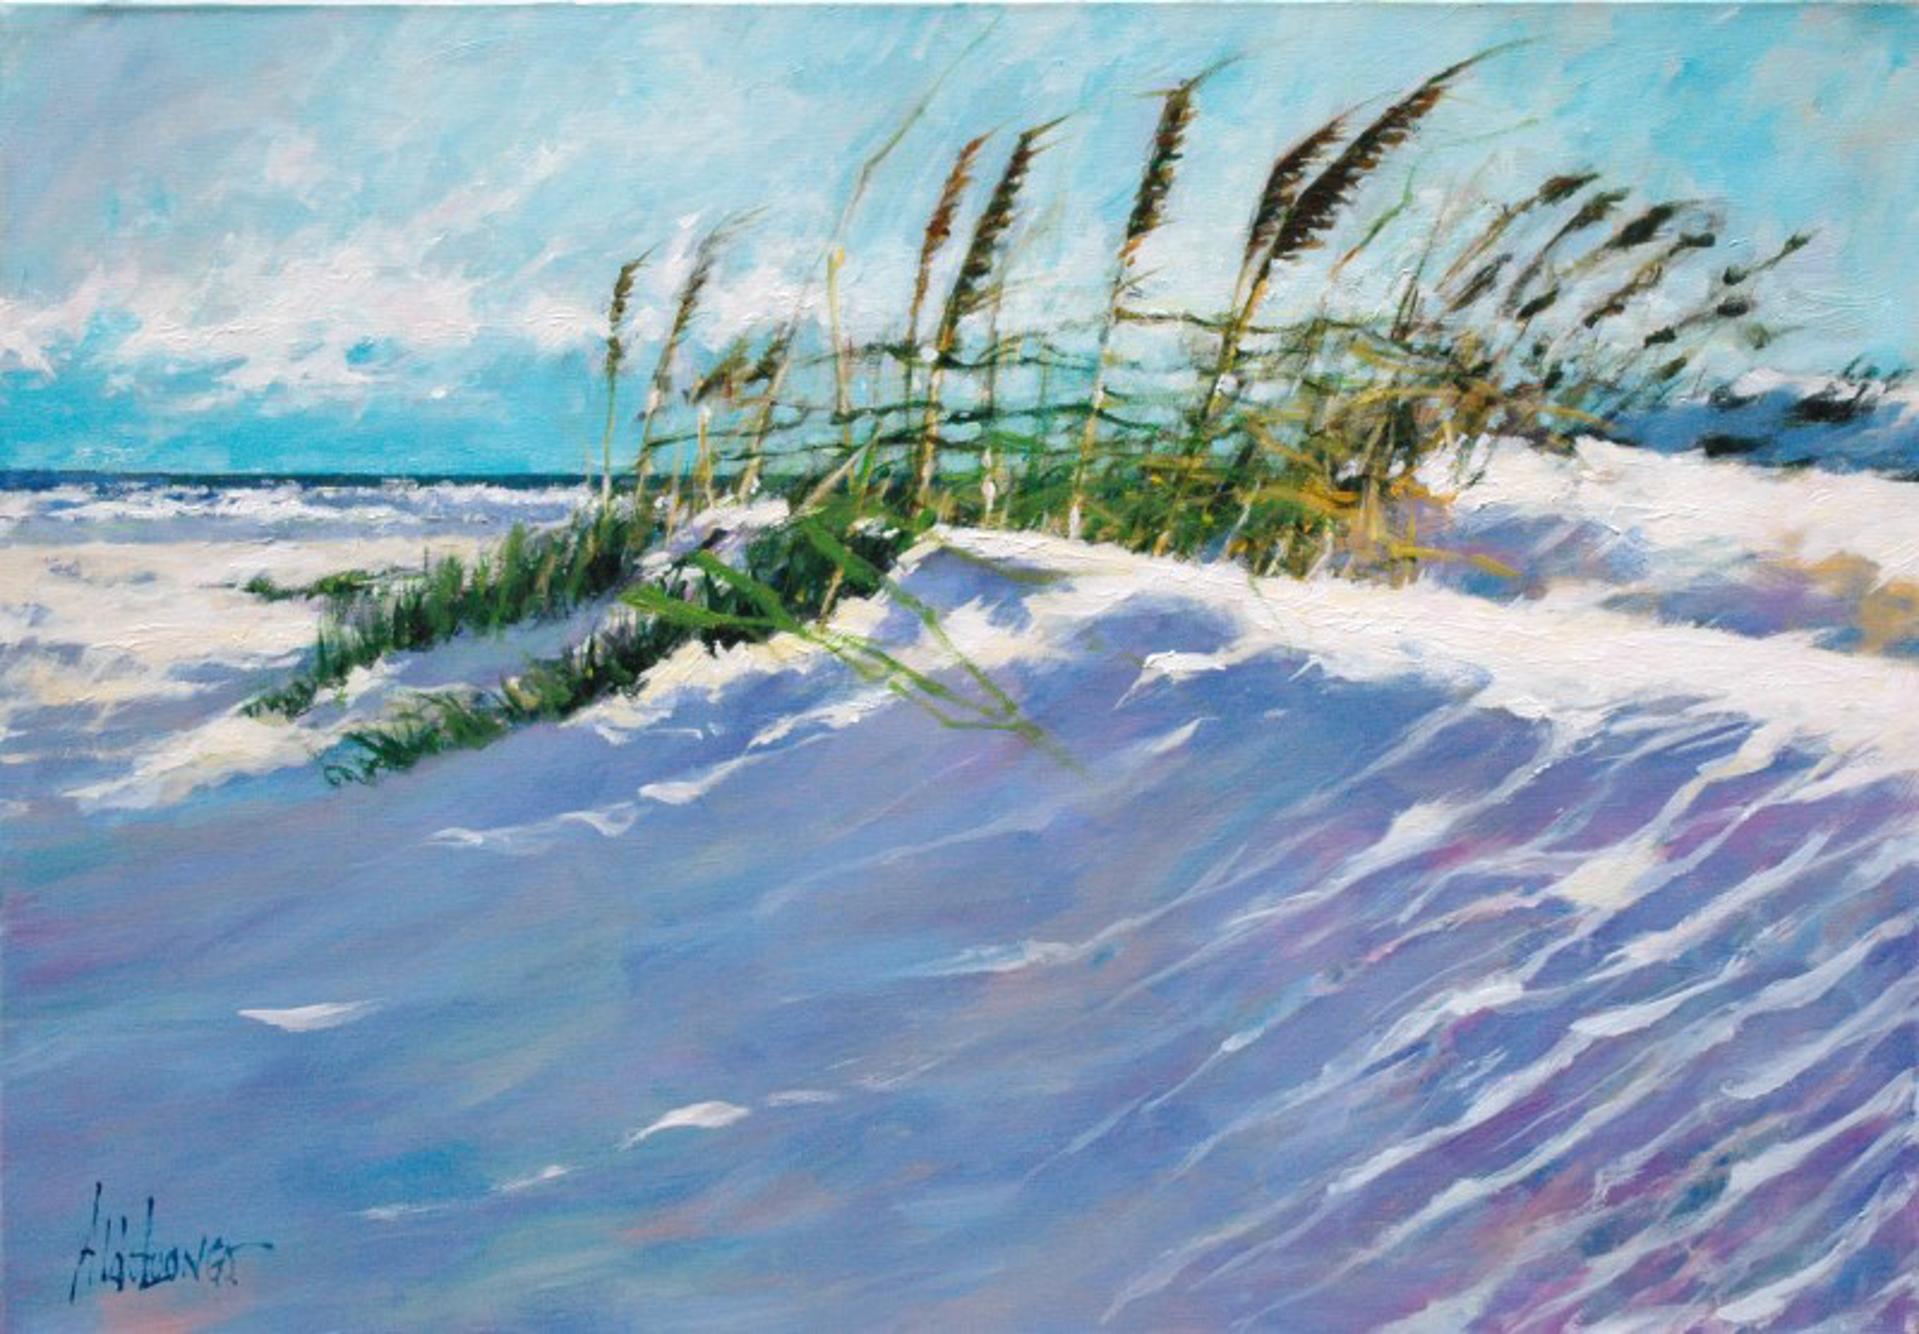 Summer Beach by Aldo Luongo